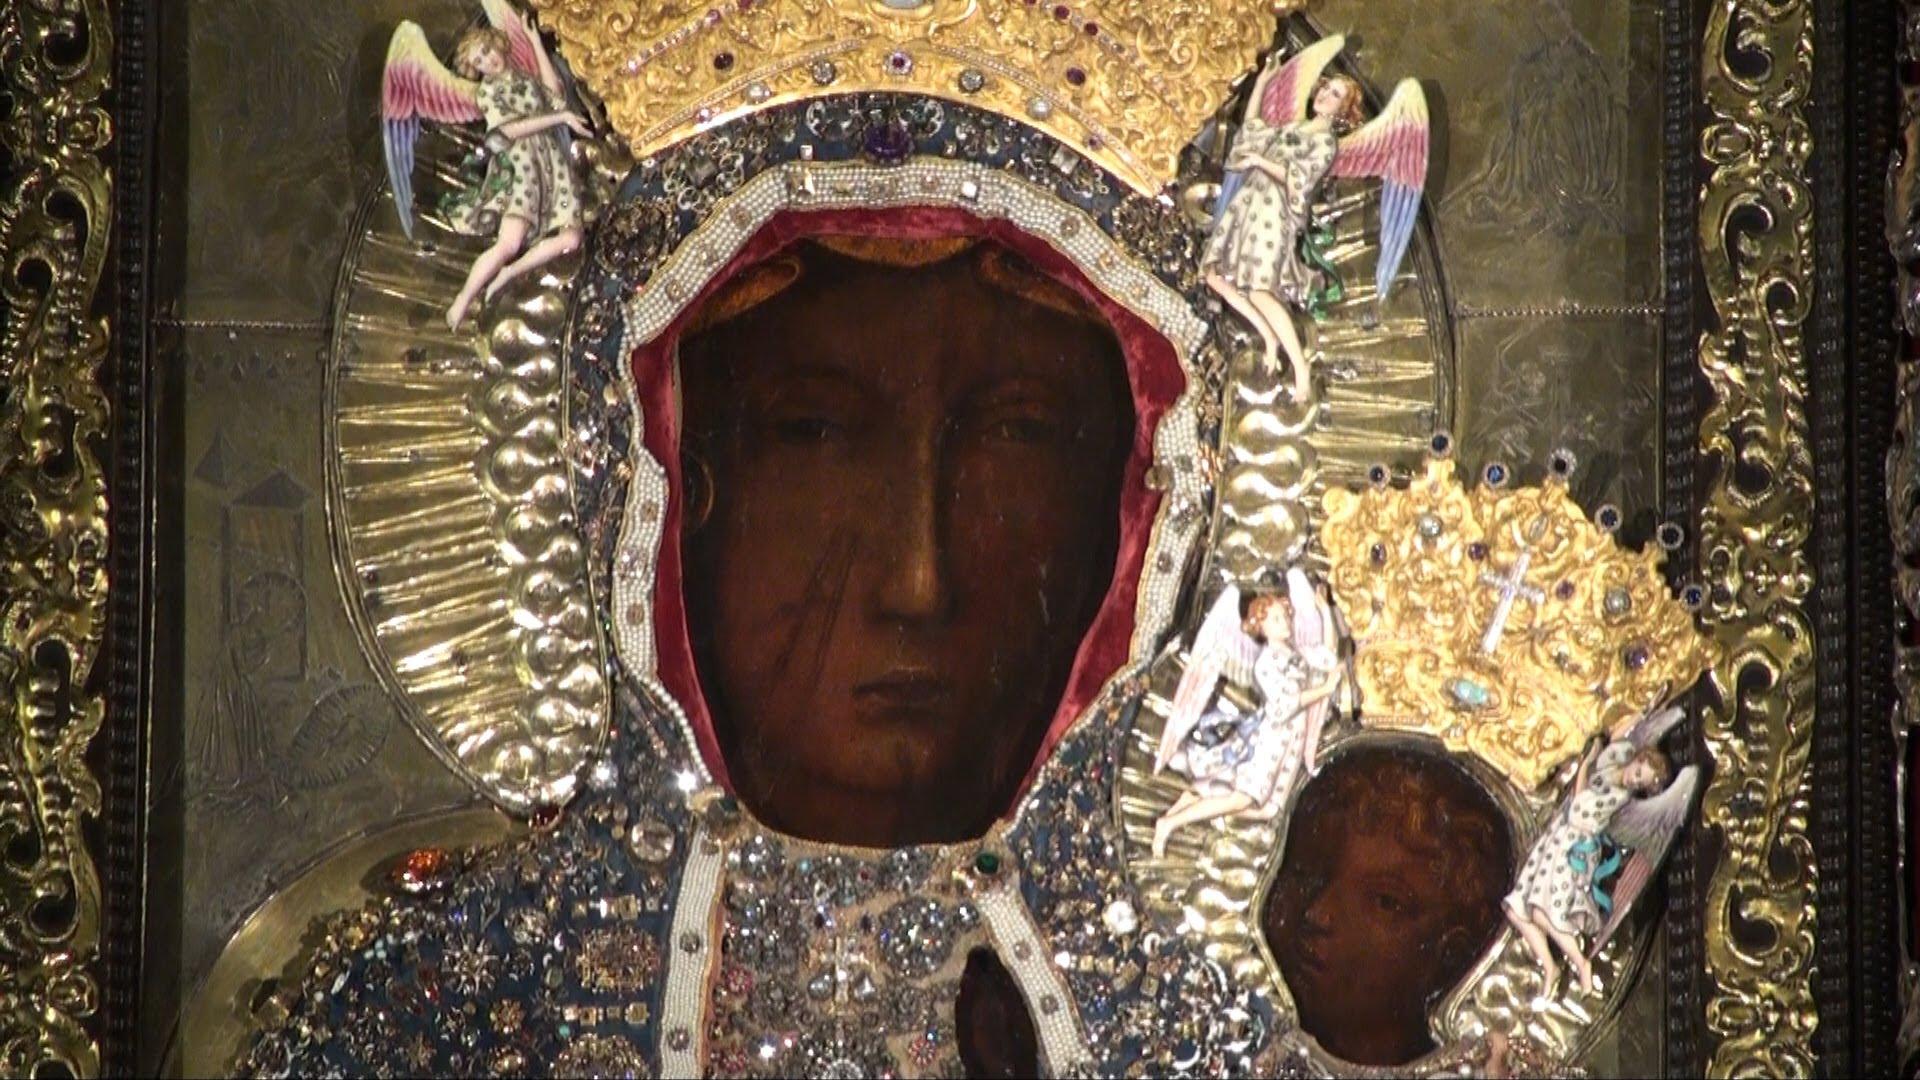 """Znalezione obrazy dla zapytania Ewangelia (J 2, 1-11) Wesele w Kanie Galilejskiej Słowa Ewangelii według świętego Jana  W Kanie Galilejskiej odbywało się wesele i była tam Matka Jezusa. Zaproszono na to wesele także Jezusa i Jego uczniów.  A kiedy zabrakło wina, Matka Jezusa mówi do Niego: """"Nie mają już wina"""". Jezus Jej odpowiedział: """"Czyż to moja lub Twoja sprawa, Niewiasto? Jeszcze nie nadeszła moja godzina"""". Wtedy Matka Jego powiedziała do sług: """"Zróbcie wszystko, cokolwiek wam powie""""."""